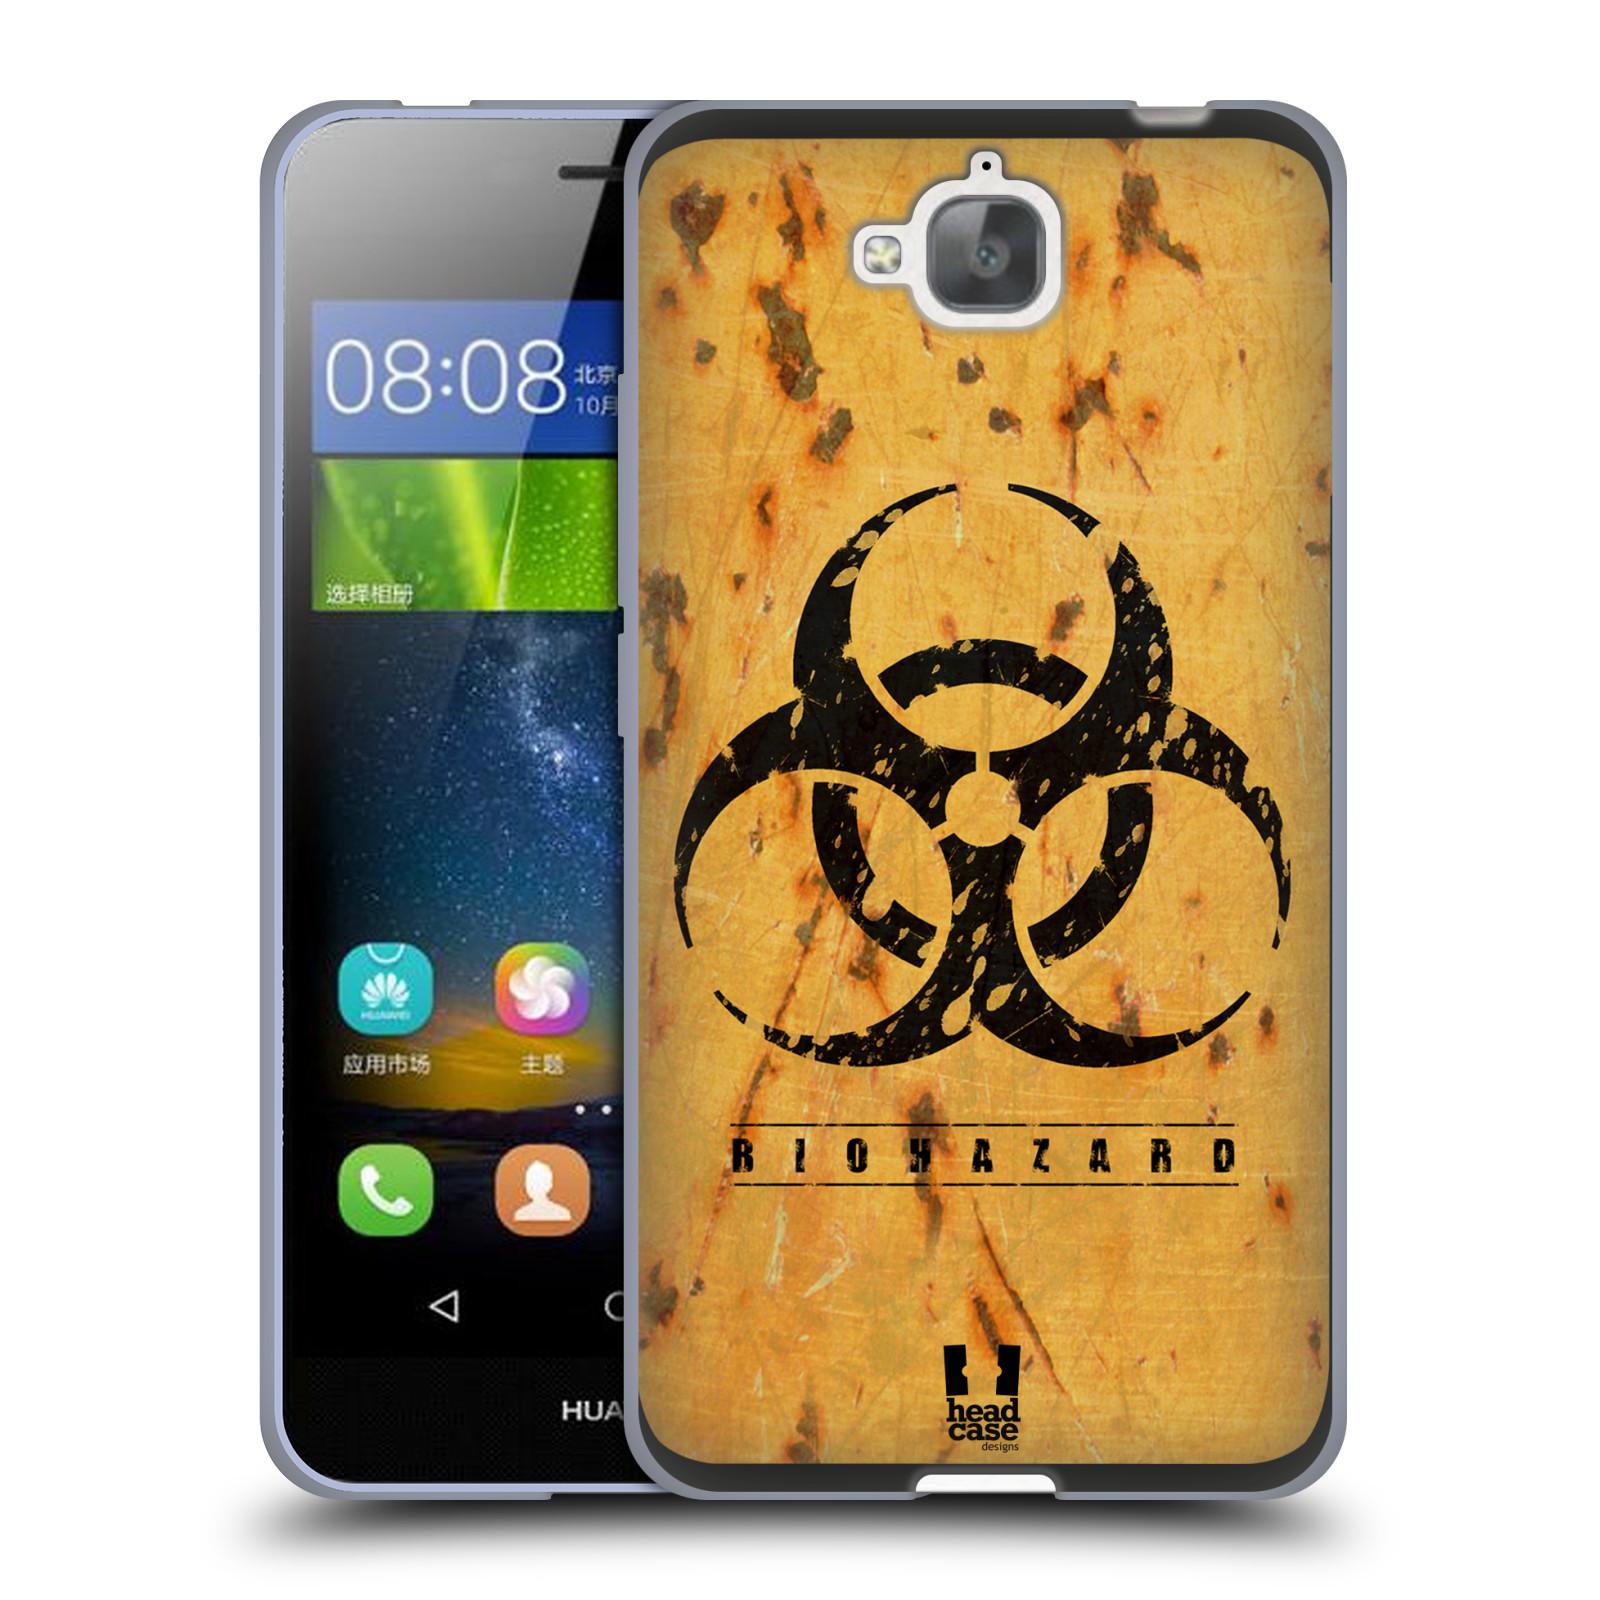 Silikonové pouzdro na mobil Huawei Y6 Pro Dual Sim HEAD CASE BIOHAZARD REZ